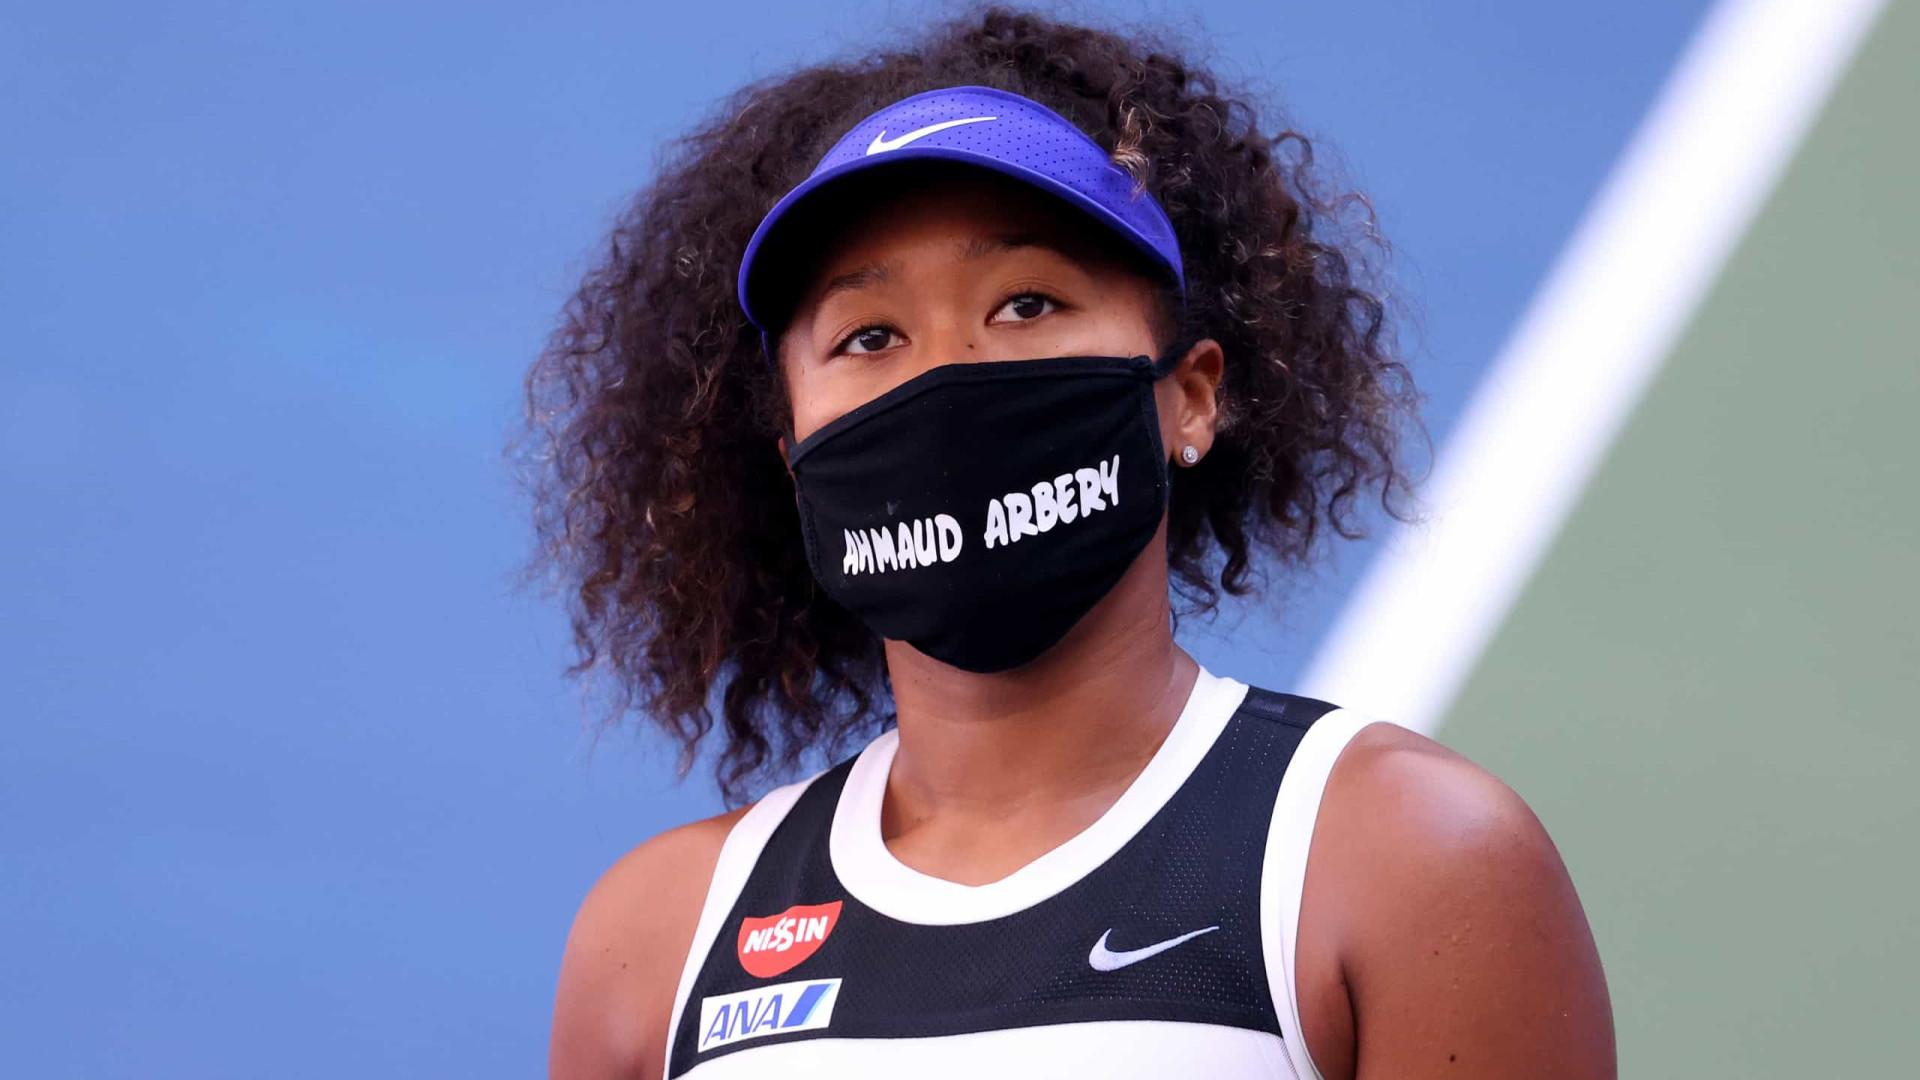 Osaka abandona Roland Garros após multa por não dar entrevista e revela depressão